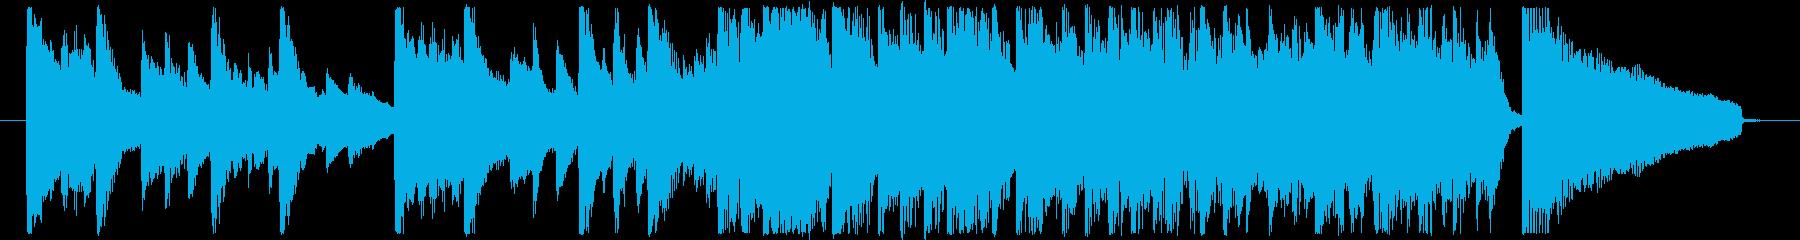 キラキラしたピアノバンド・ジングルの再生済みの波形